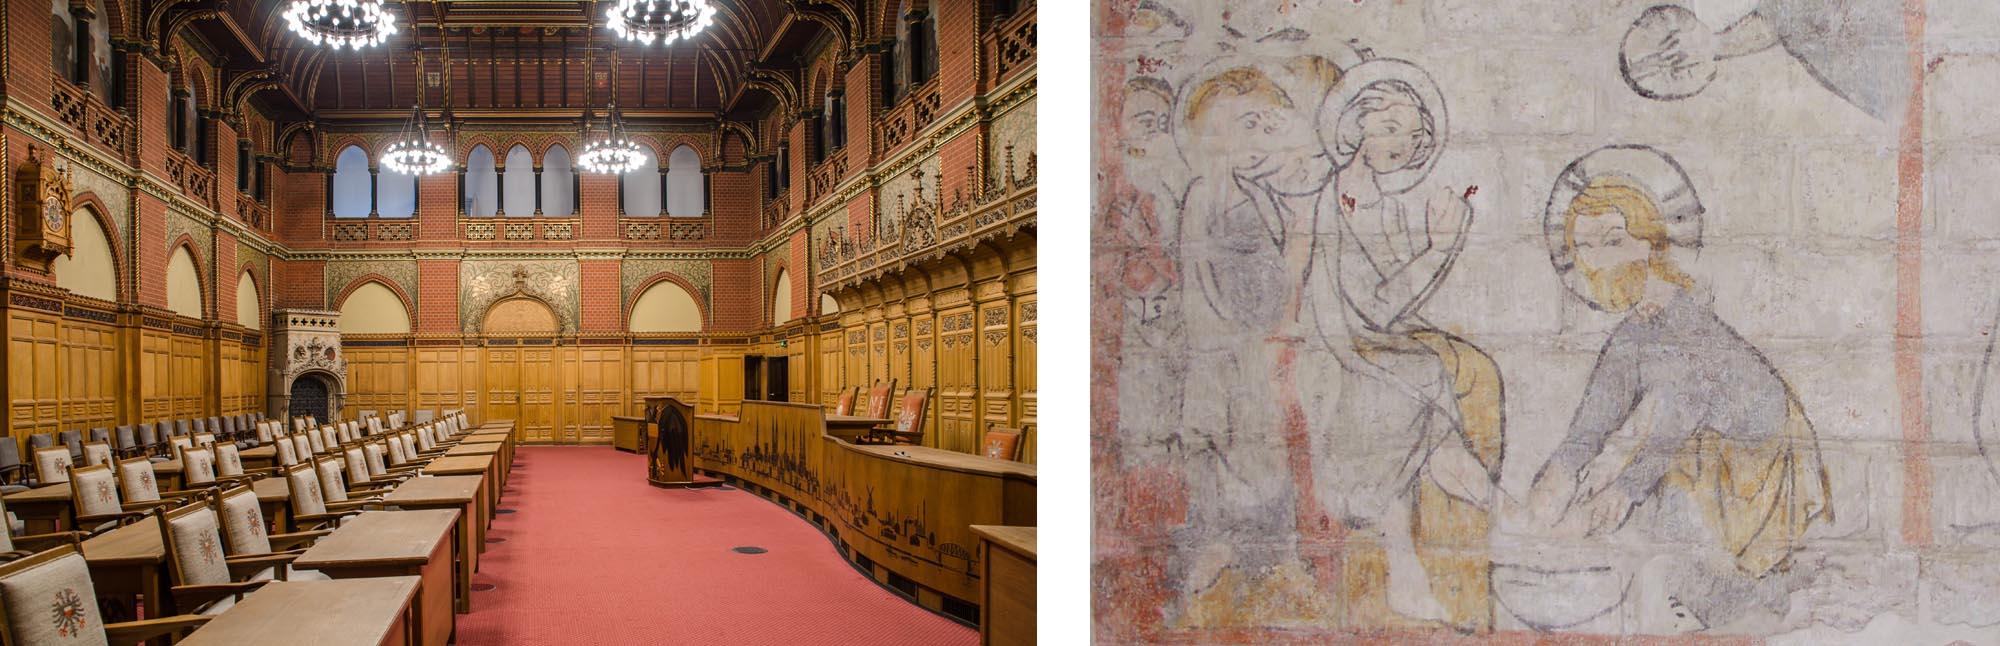 Restaurierung von Innenräumen und Wandmalerei